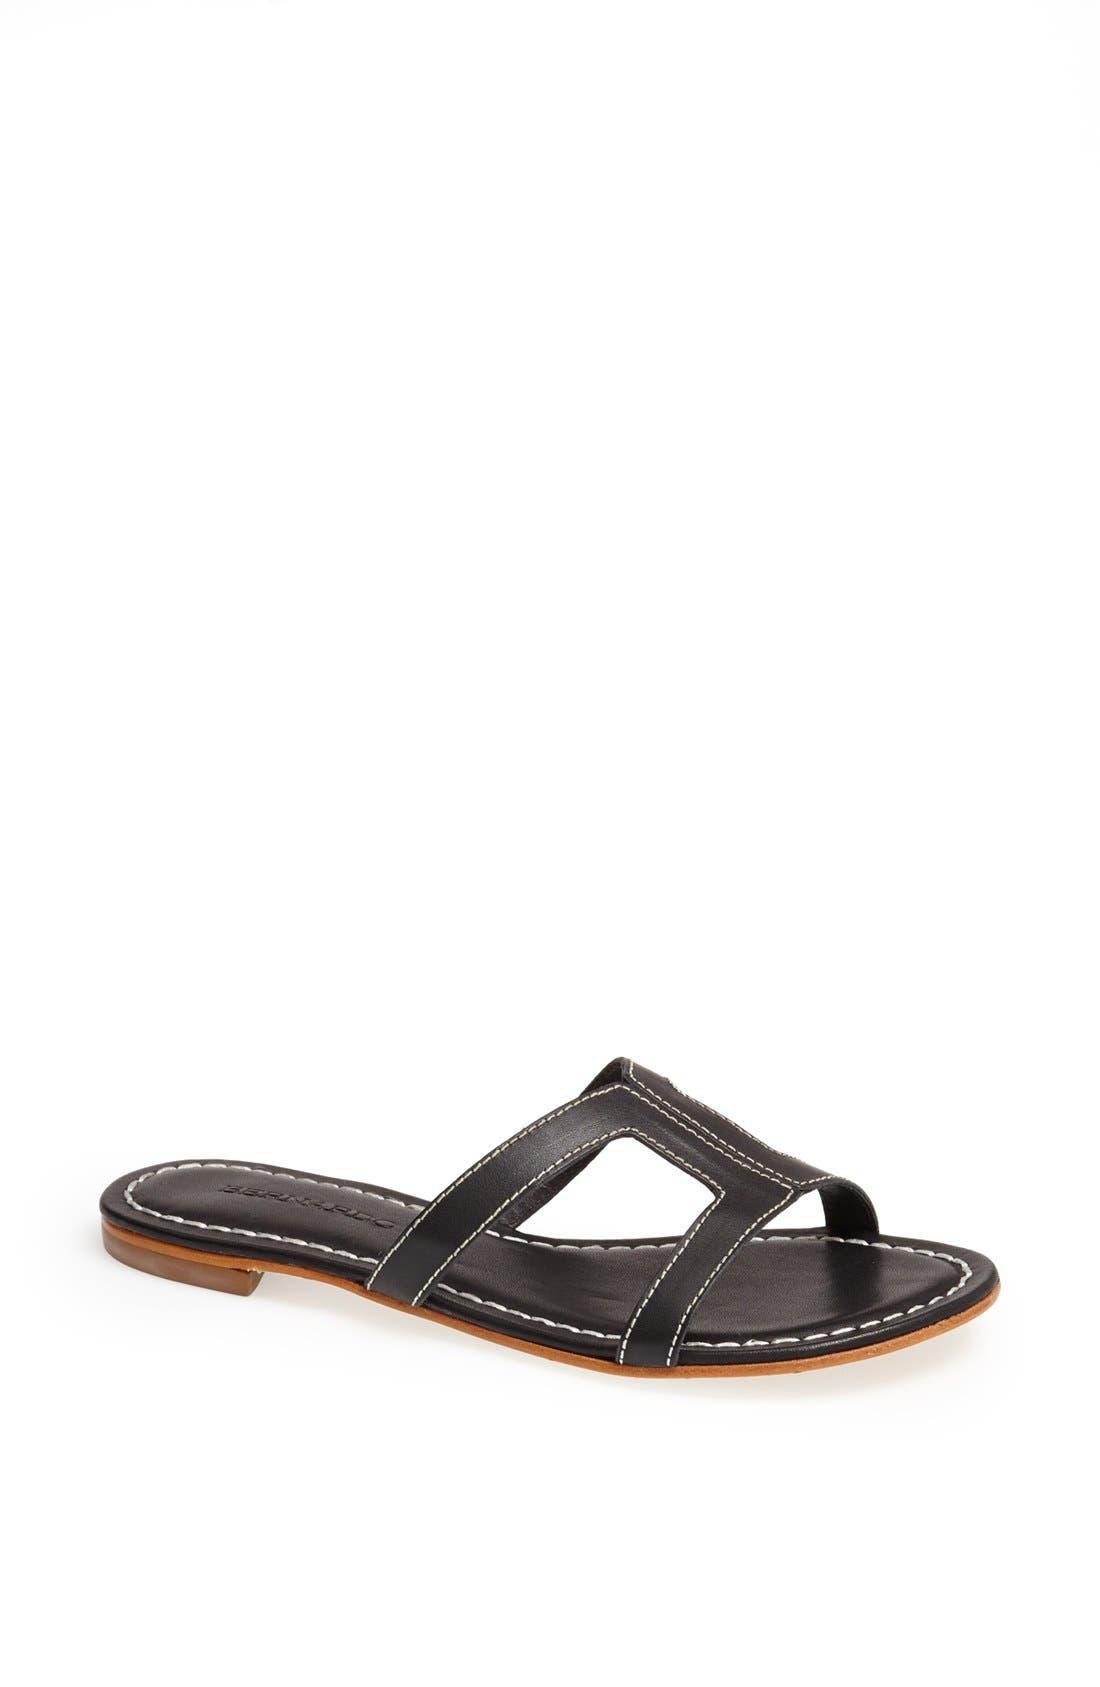 Alternate Image 1 Selected - Bernardo Footwear Winthorpe Sandal